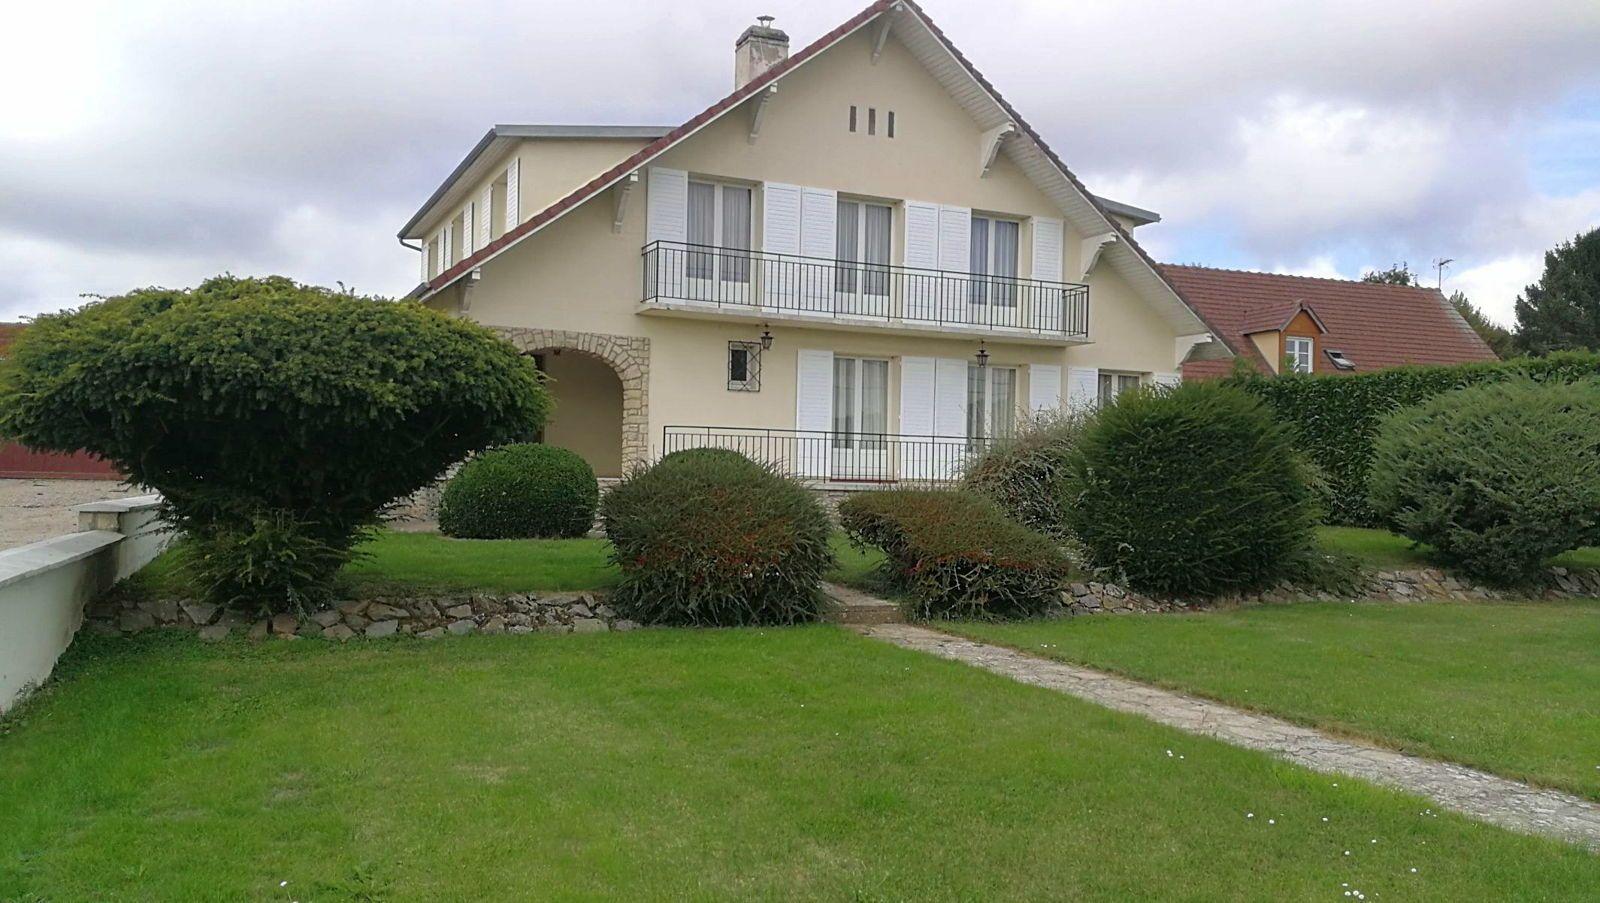 Vends maison de 200m², 4chambres - Omécourt (60) à 1h30de Paris